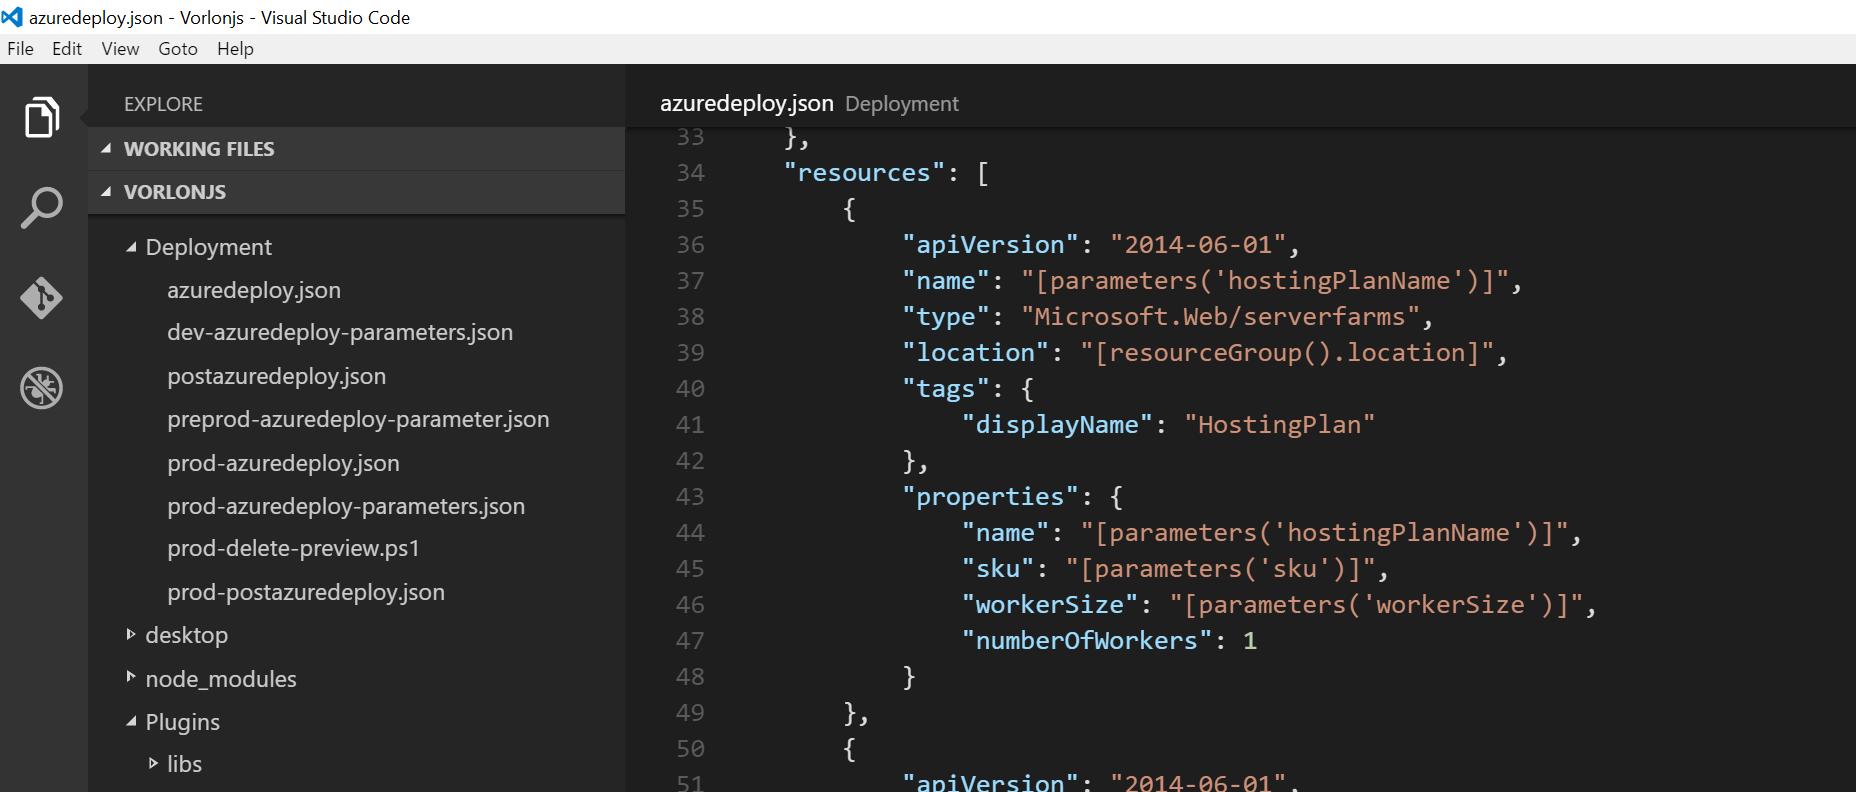 Как мы внедряли DevOps: инфраструктура-как-код с помощью Microsoft Azure и Azure Resource Manager - 3